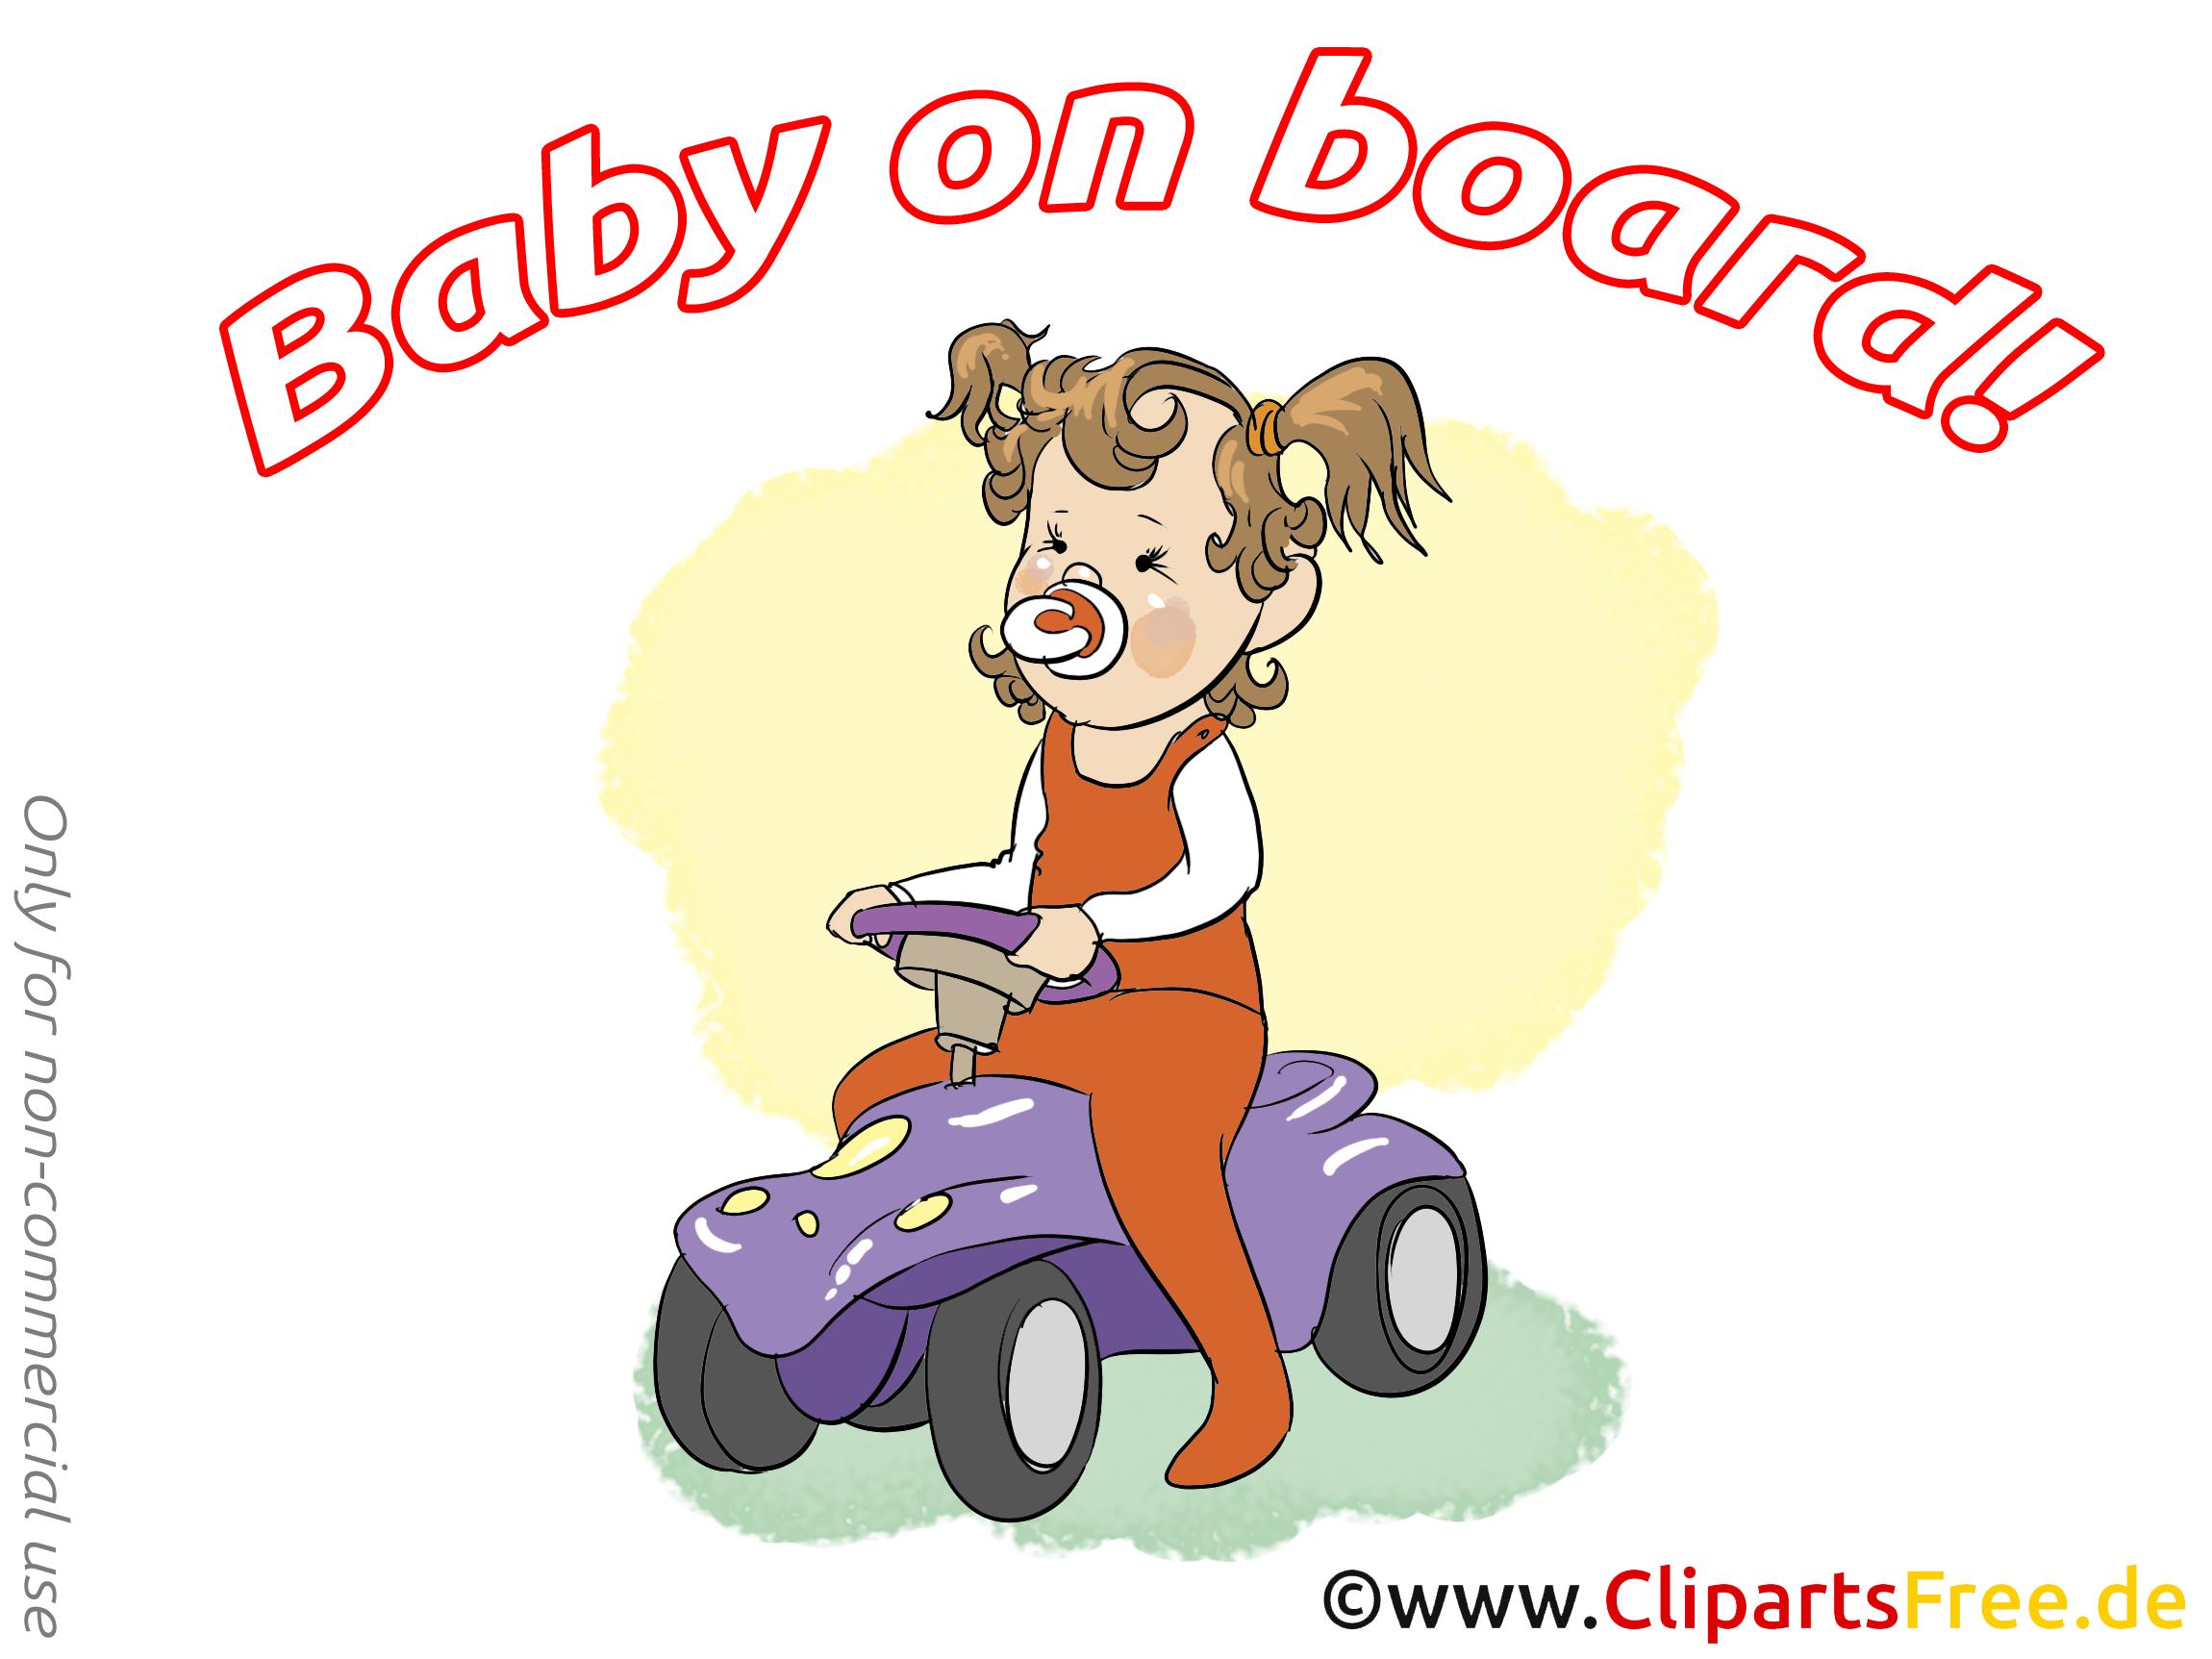 Voiture cliparts gratuis – Bébé à bord images